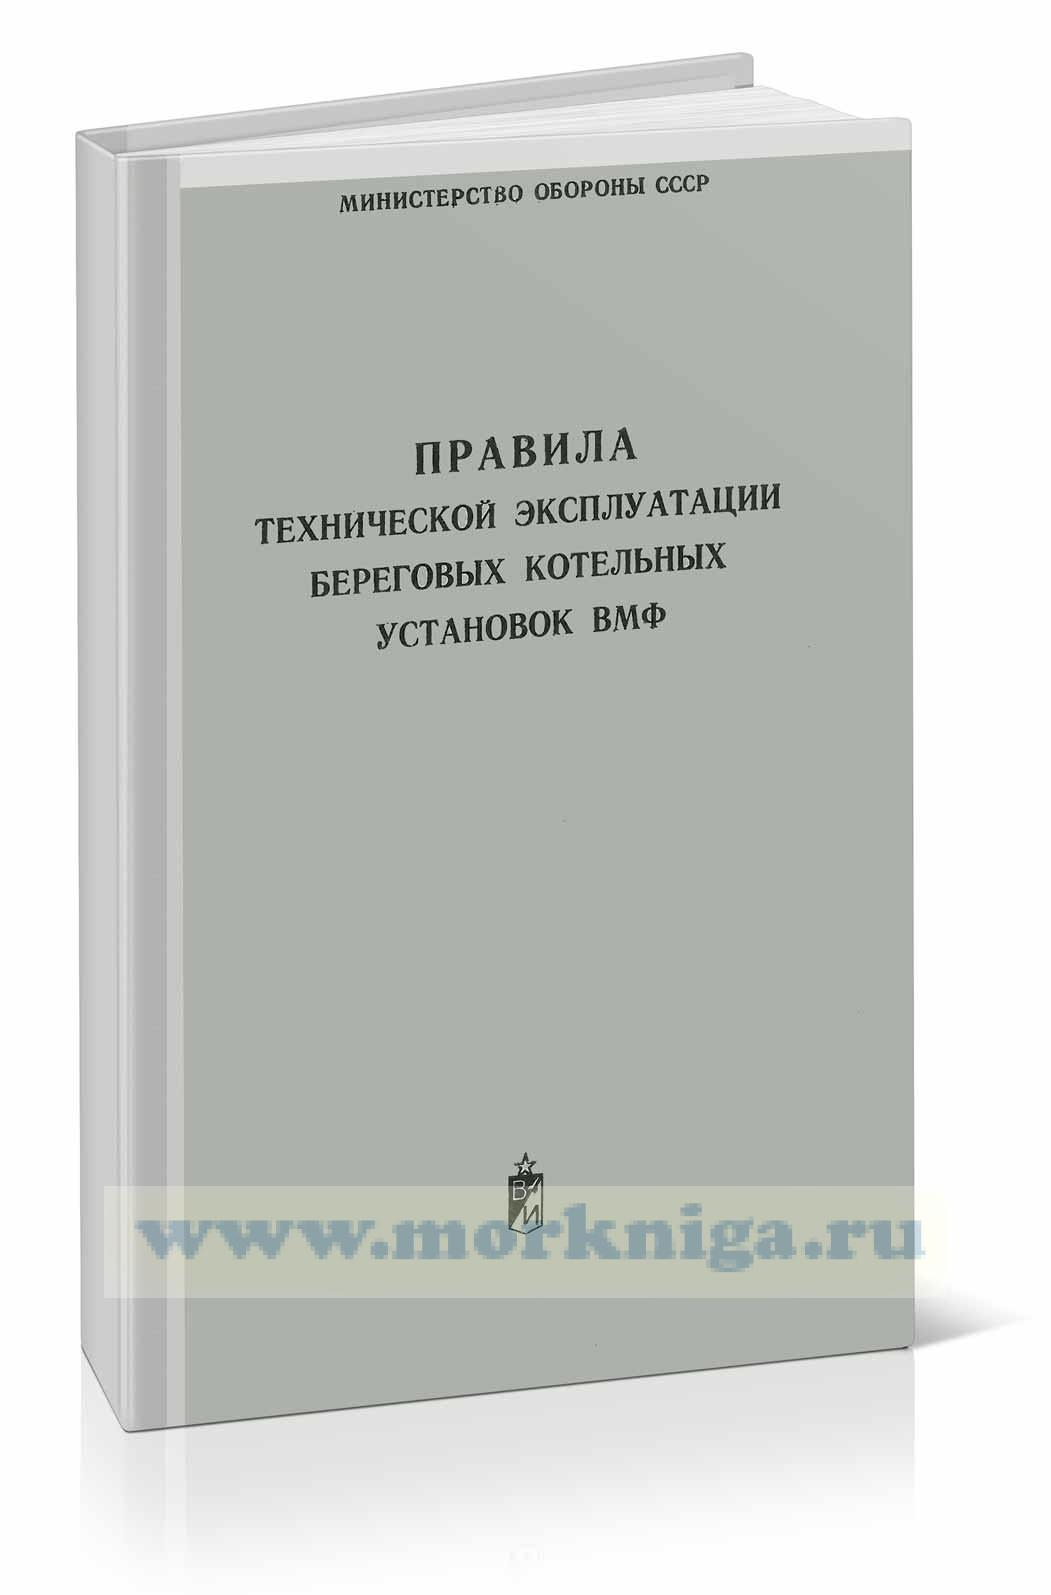 Правила технической эксплуатации береговых котельных установок ВМФ